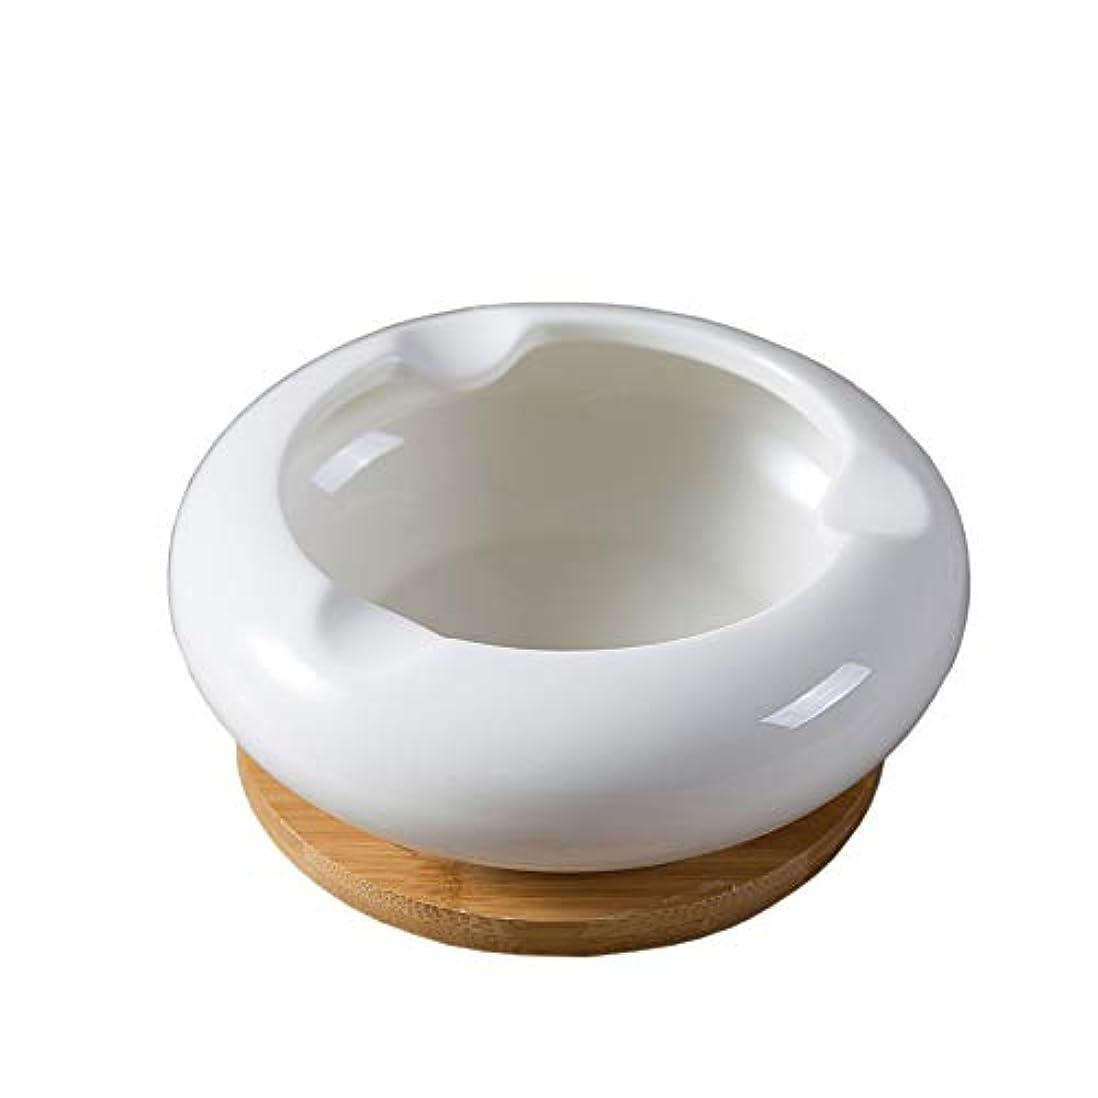 夕暮れとして穏やかなセラミック灰皿、シンプルで繊細なデスクトップデコレーション灰皿、日本のシンプルな竹マット付き灰皿 (Size : L)